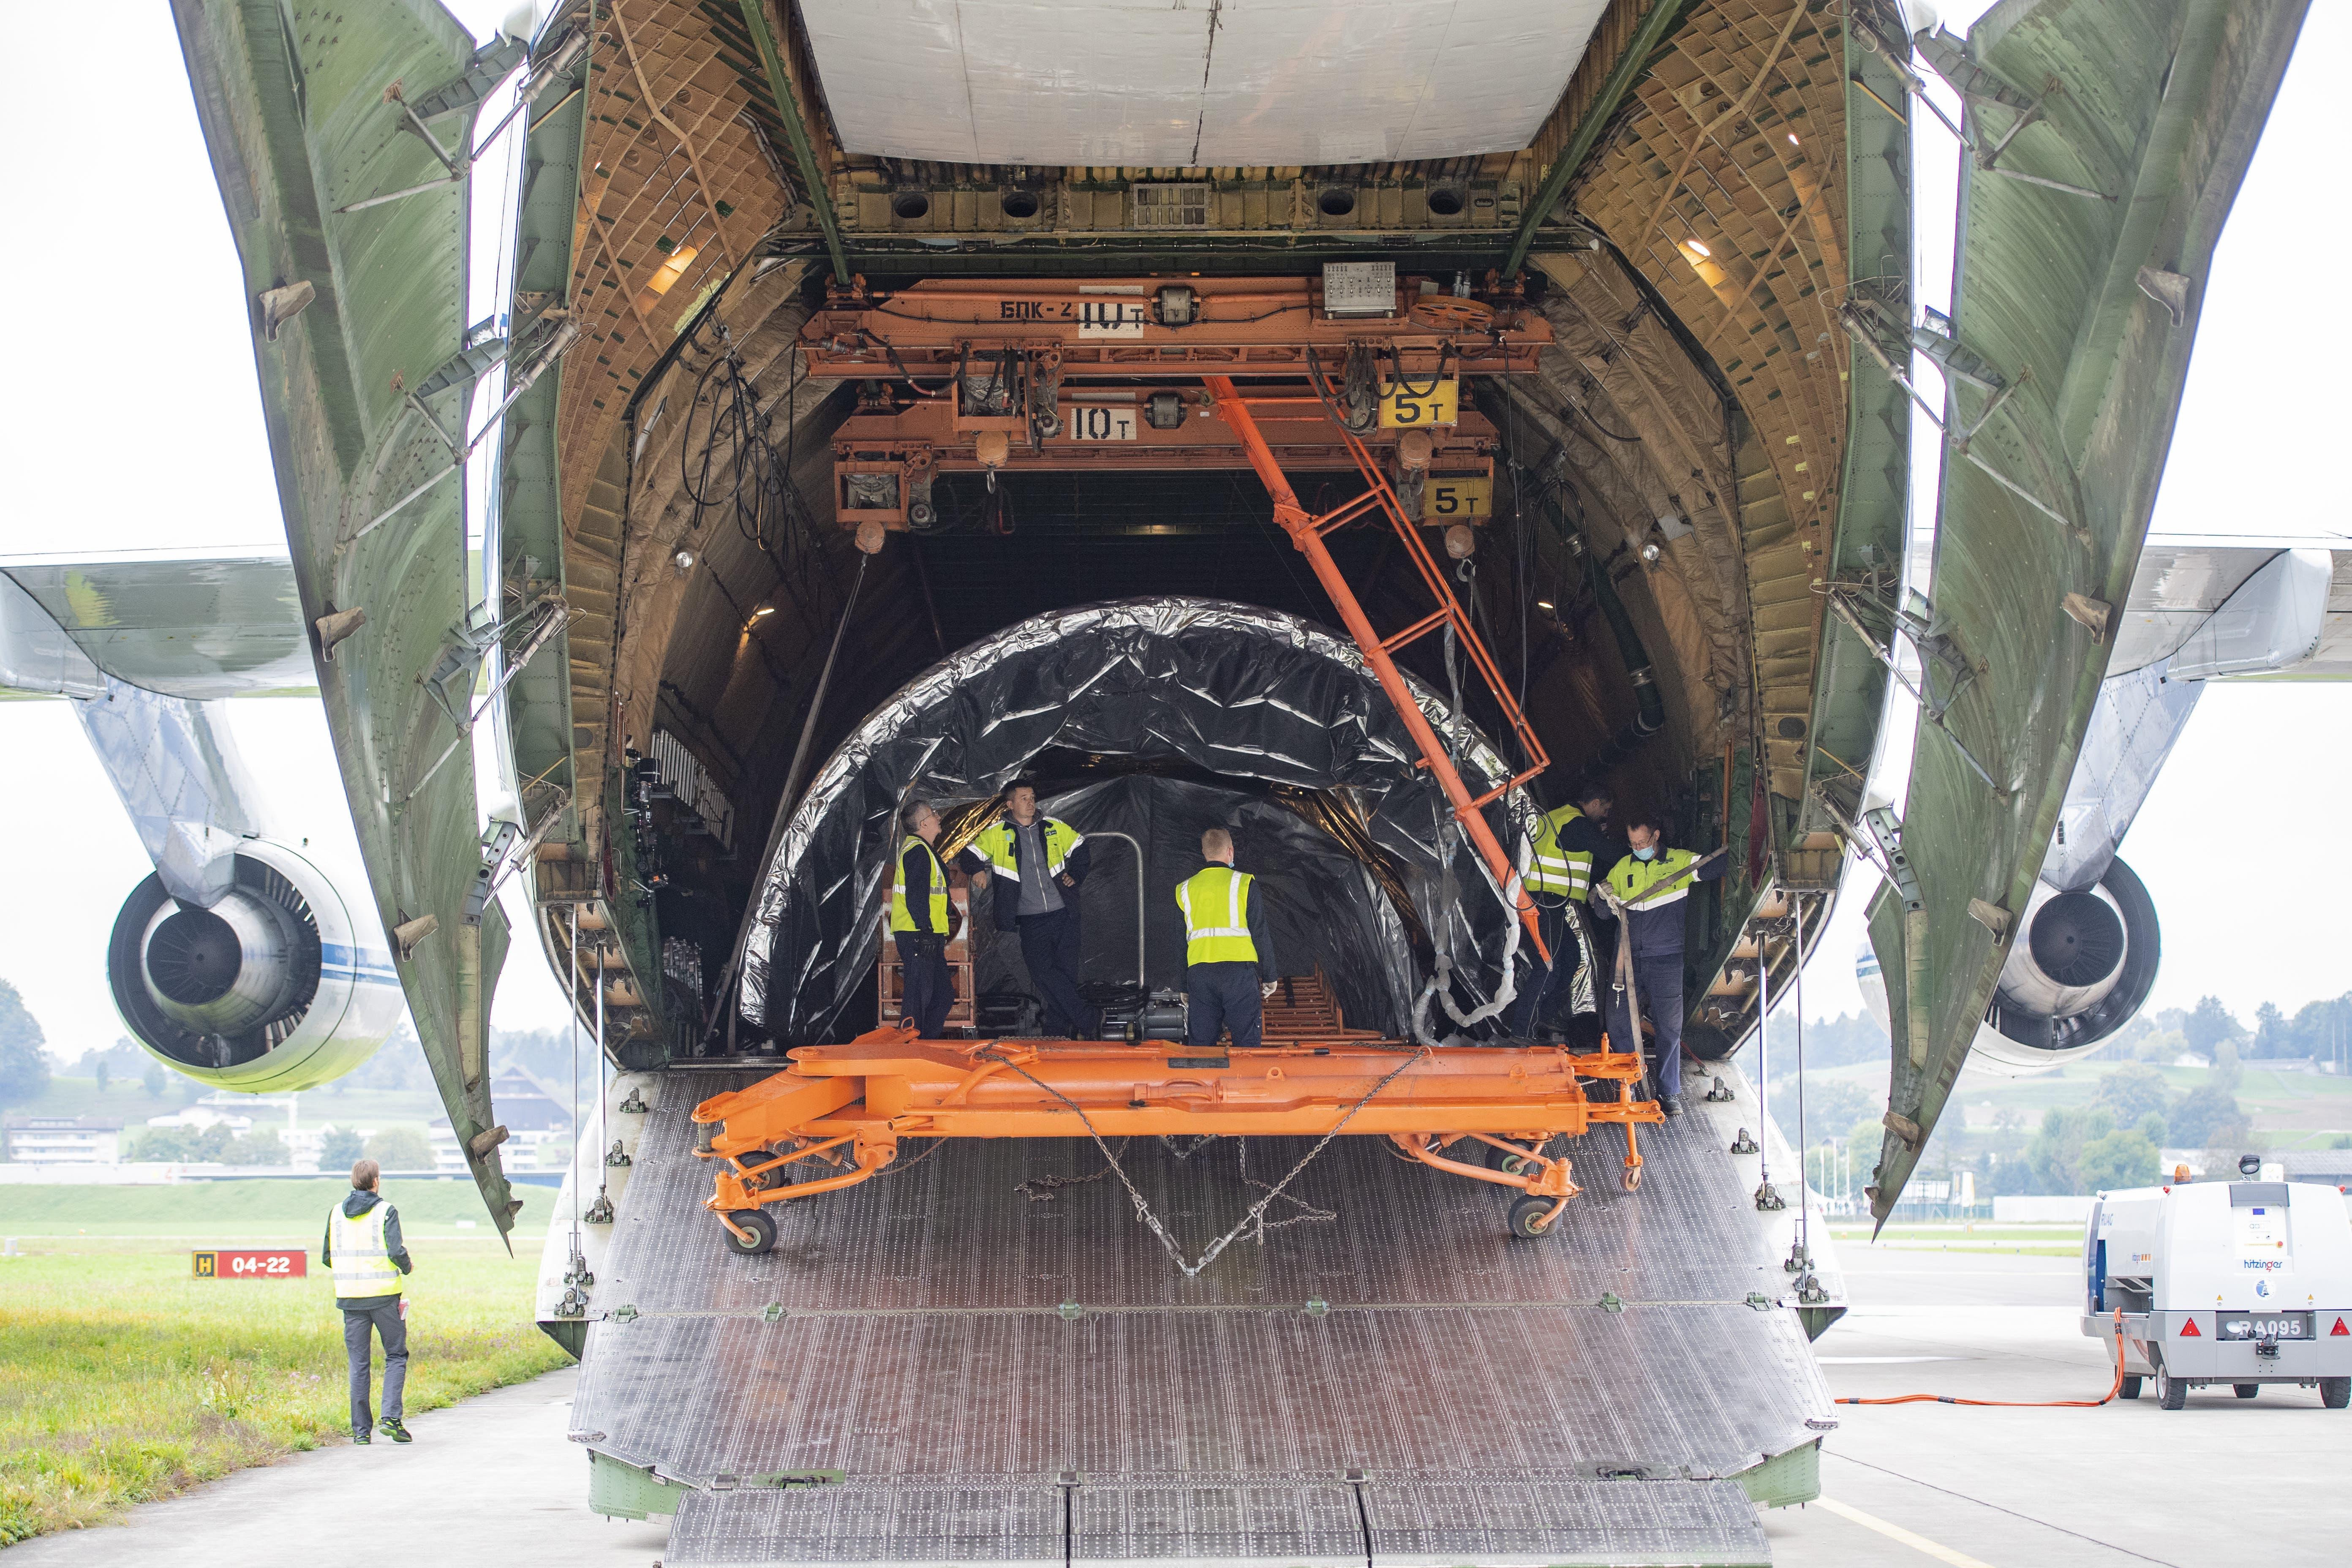 Die Antonov AN-124 transportiert einen Teil einer Raketenspitze der Ruag Space.